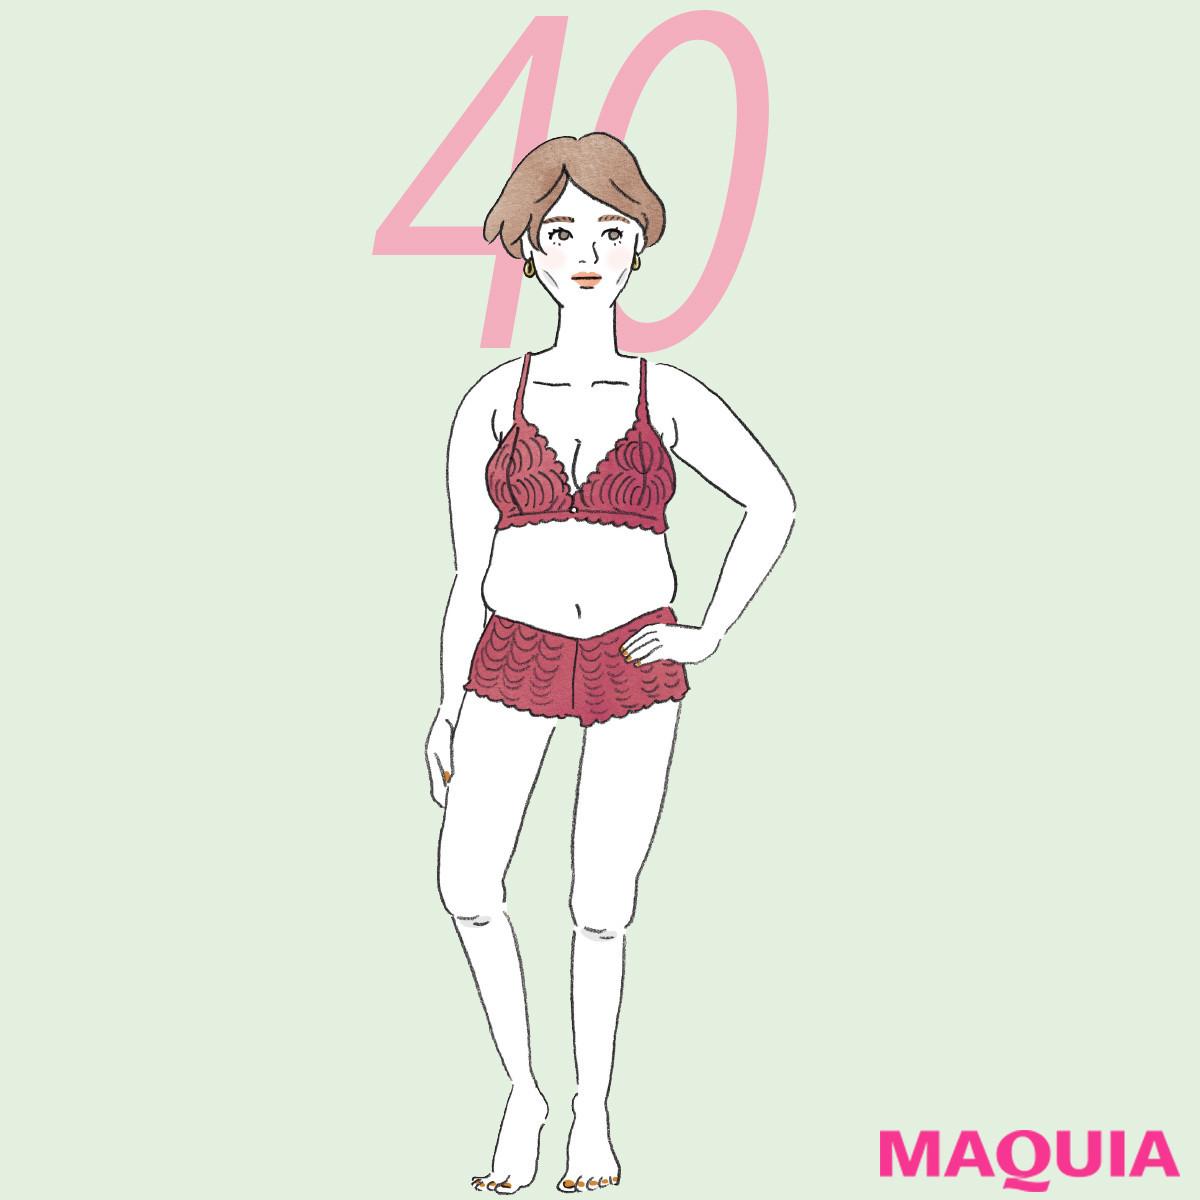 【痩せない理由】アラフォーが痩せにくい理由は? 痩せ体質になる秘策をダイエットのプロが伝授